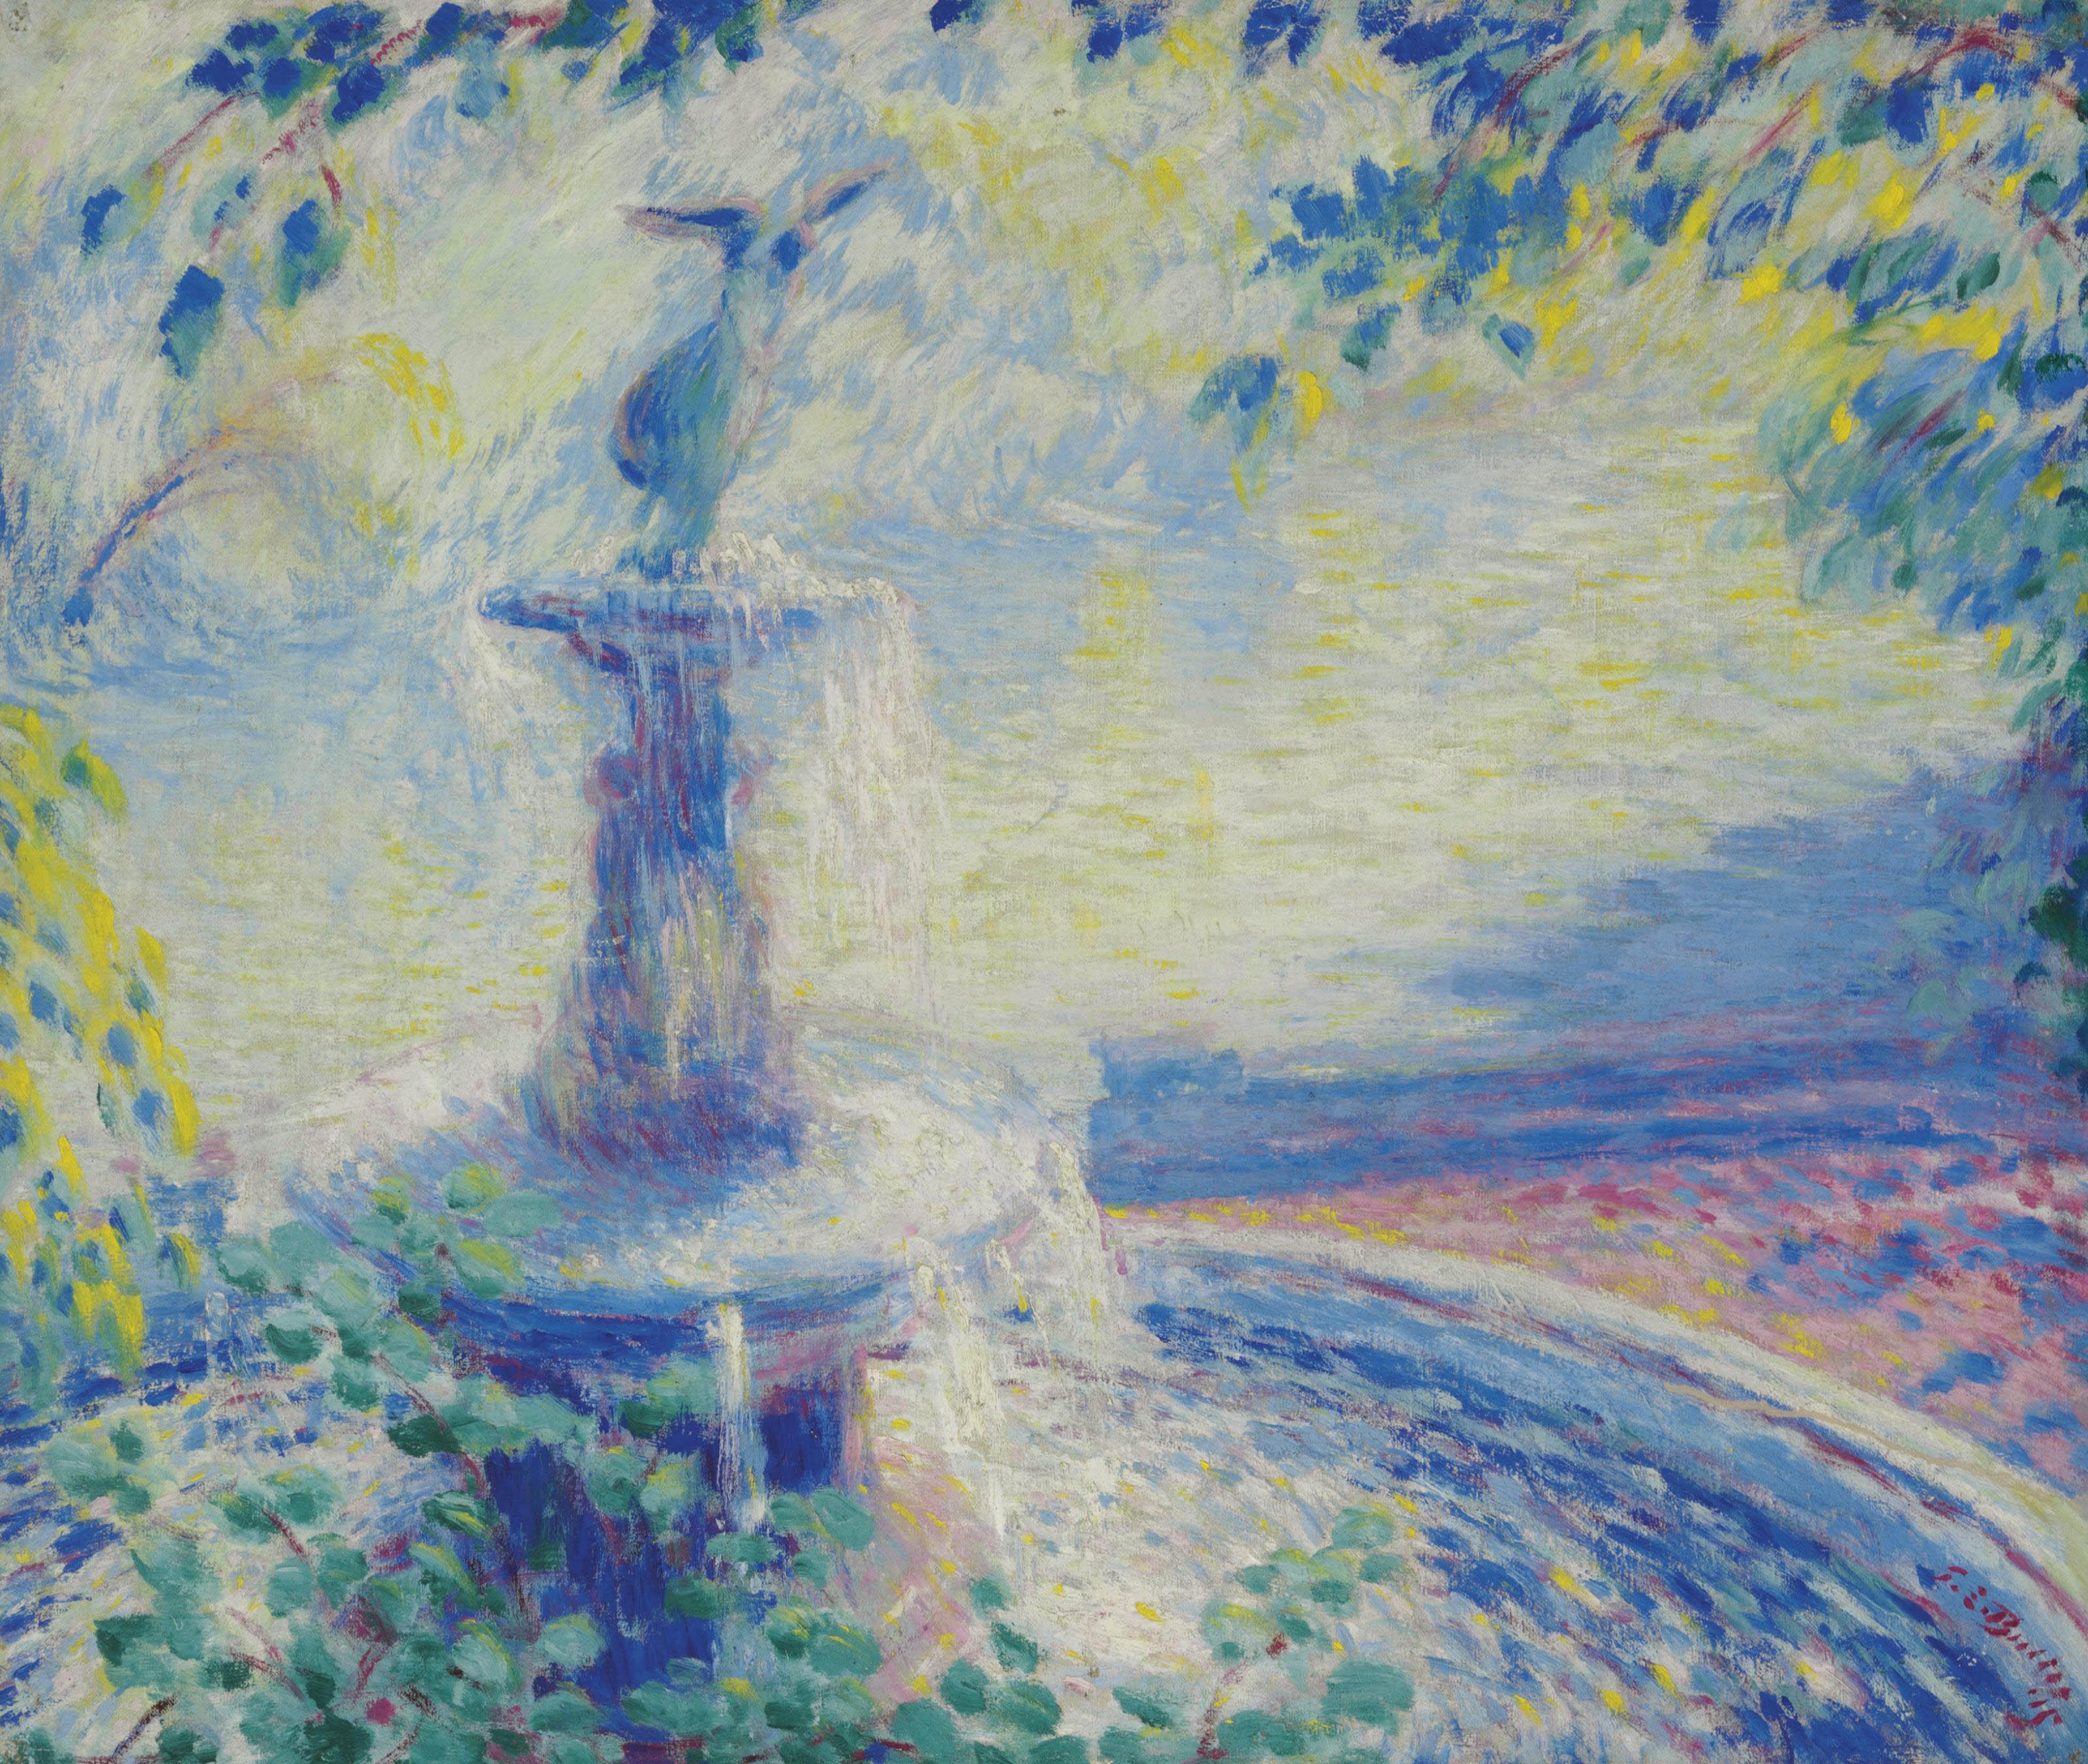 Fountain, Central Park